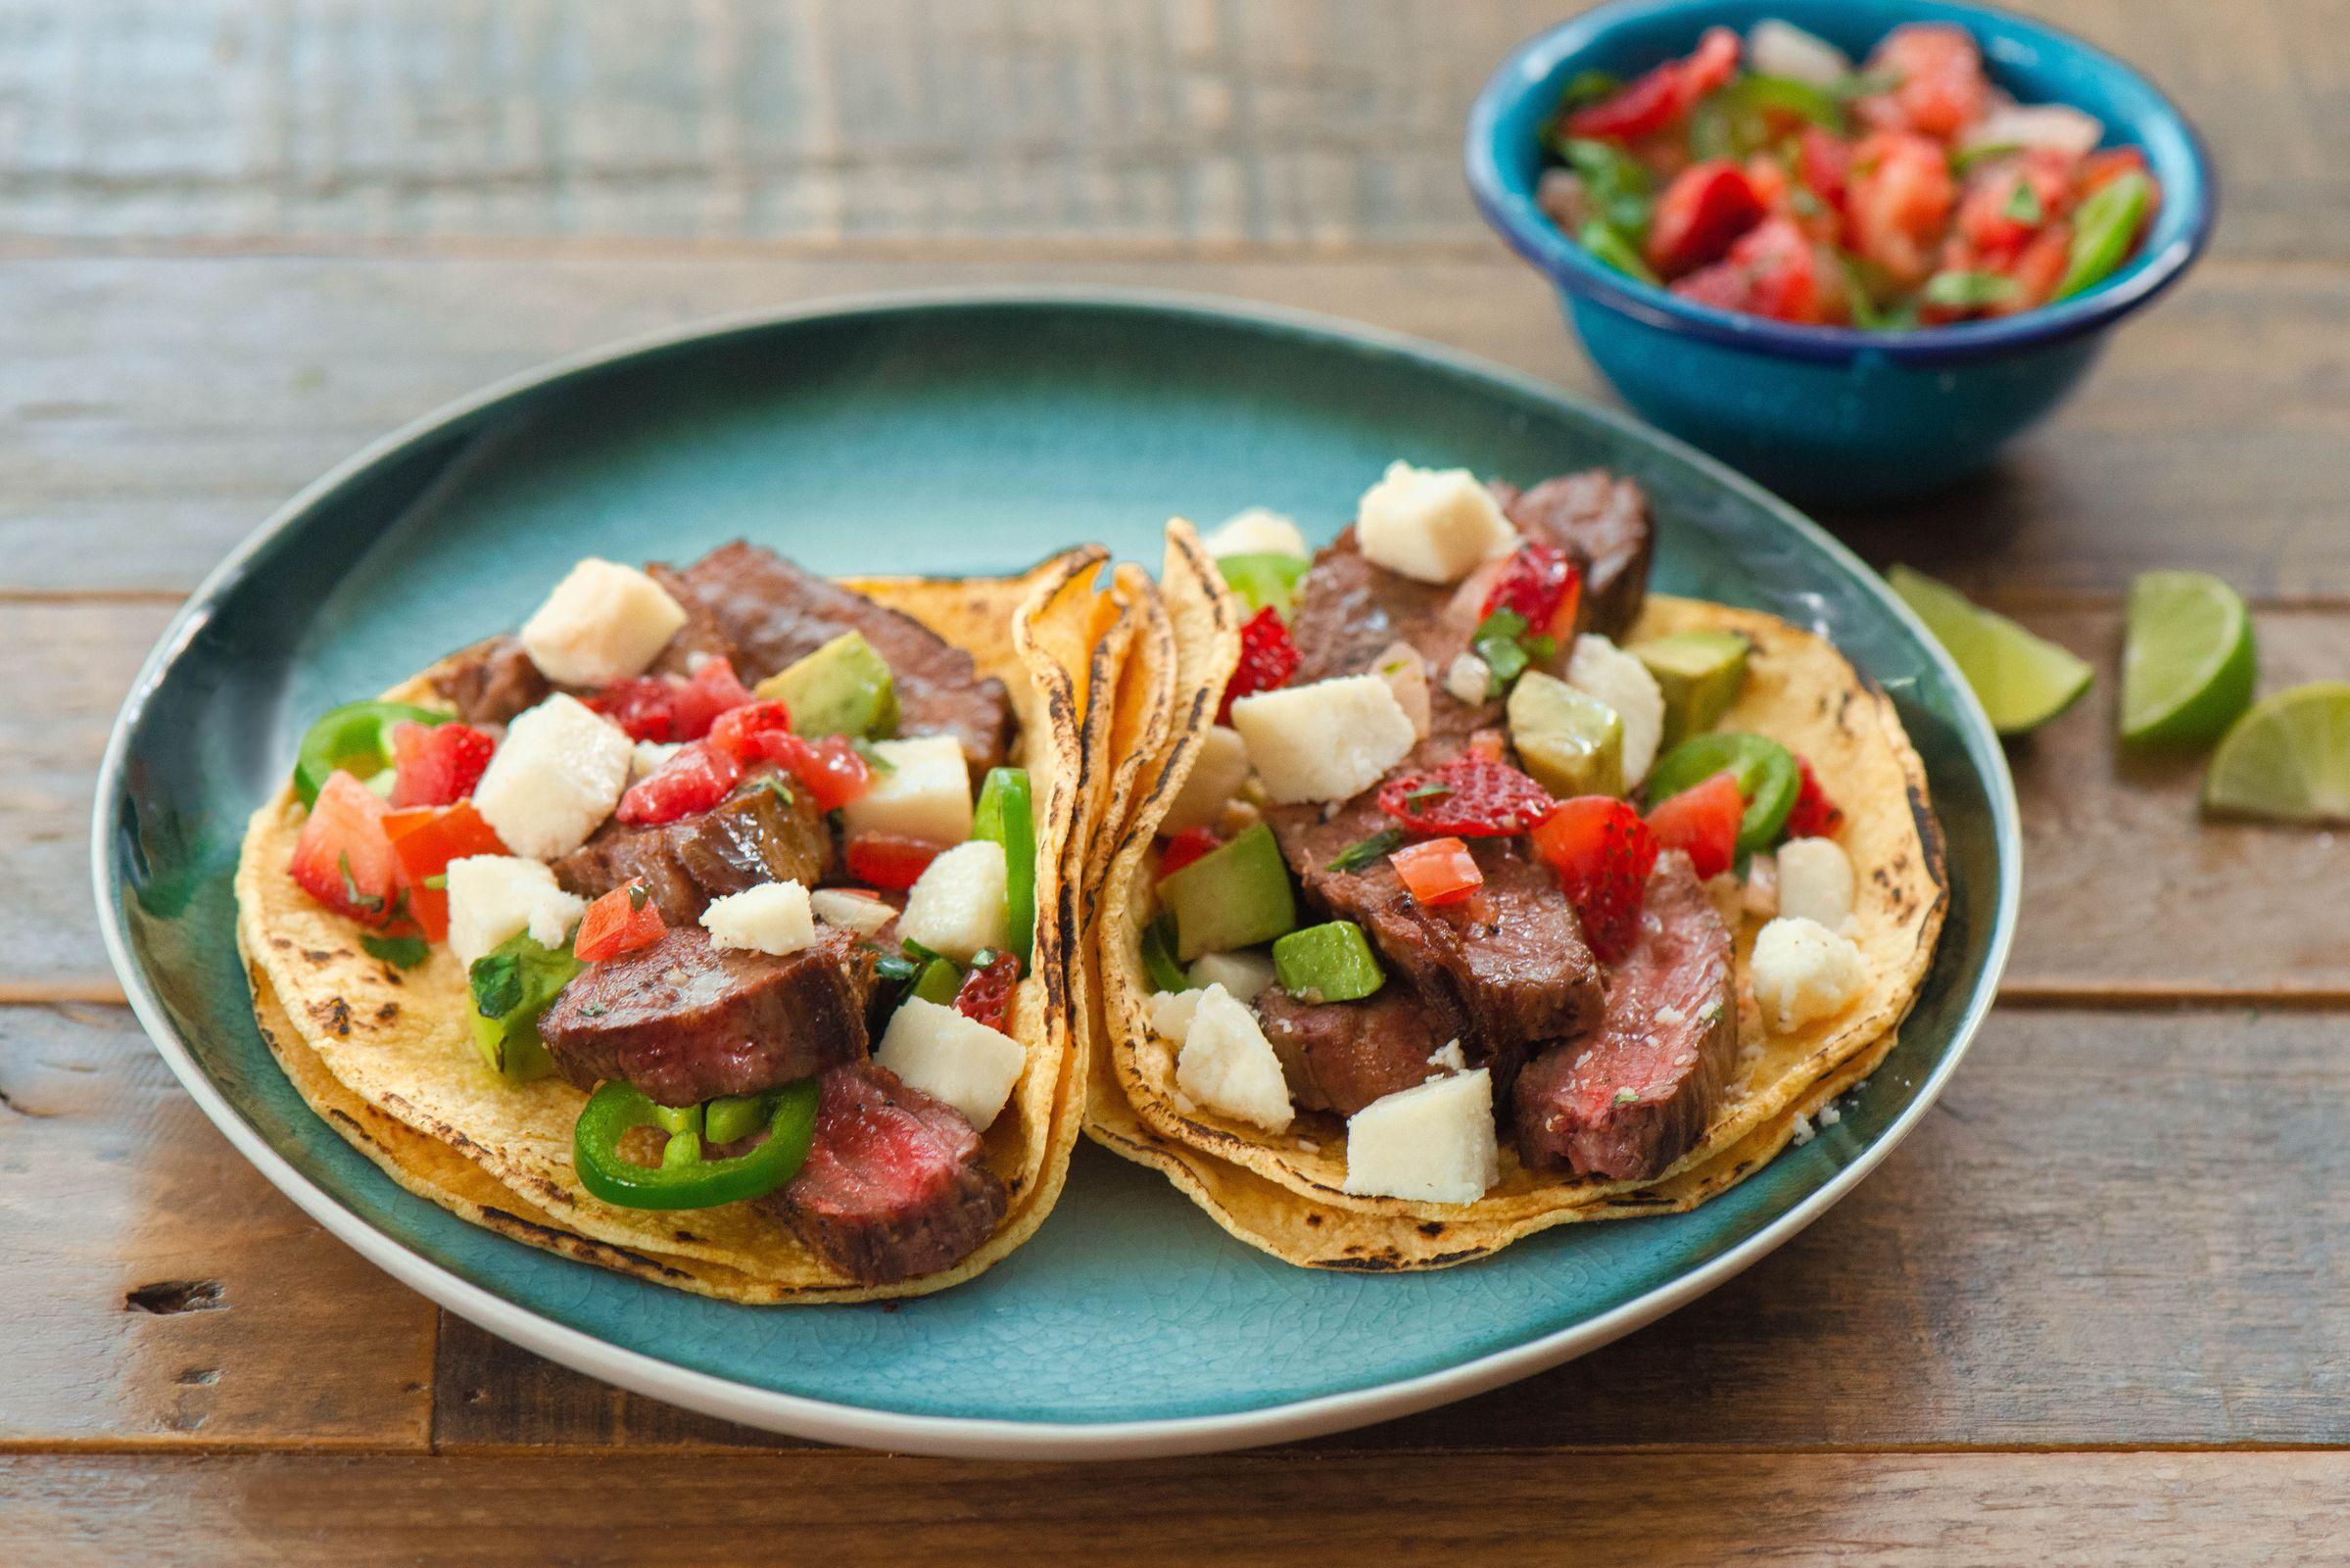 Carne Asada Tacos with Strawberry Pico de Gallo